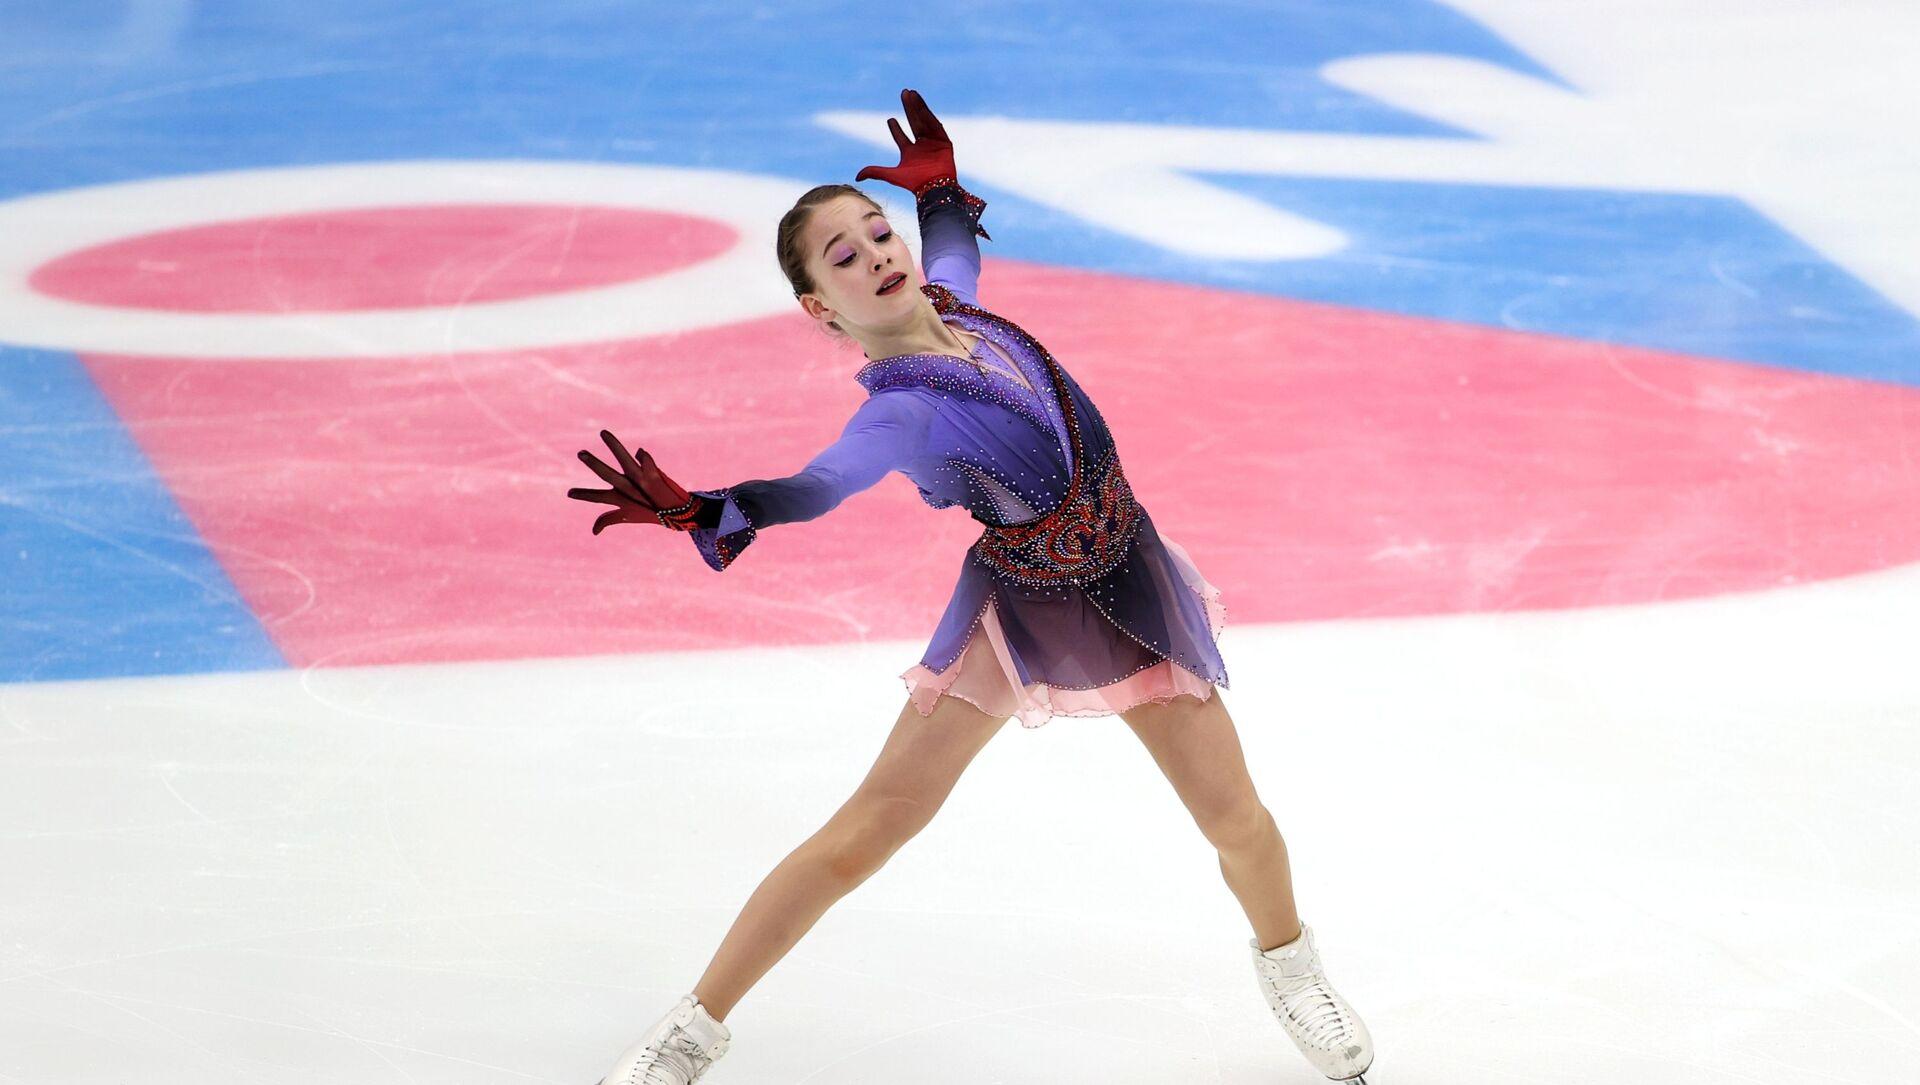 アカチエワはロシアのフィギュアスケート界の若き新星 彼女はライバルを凌駕できるのか? - Sputnik 日本, 1920, 30.09.2021